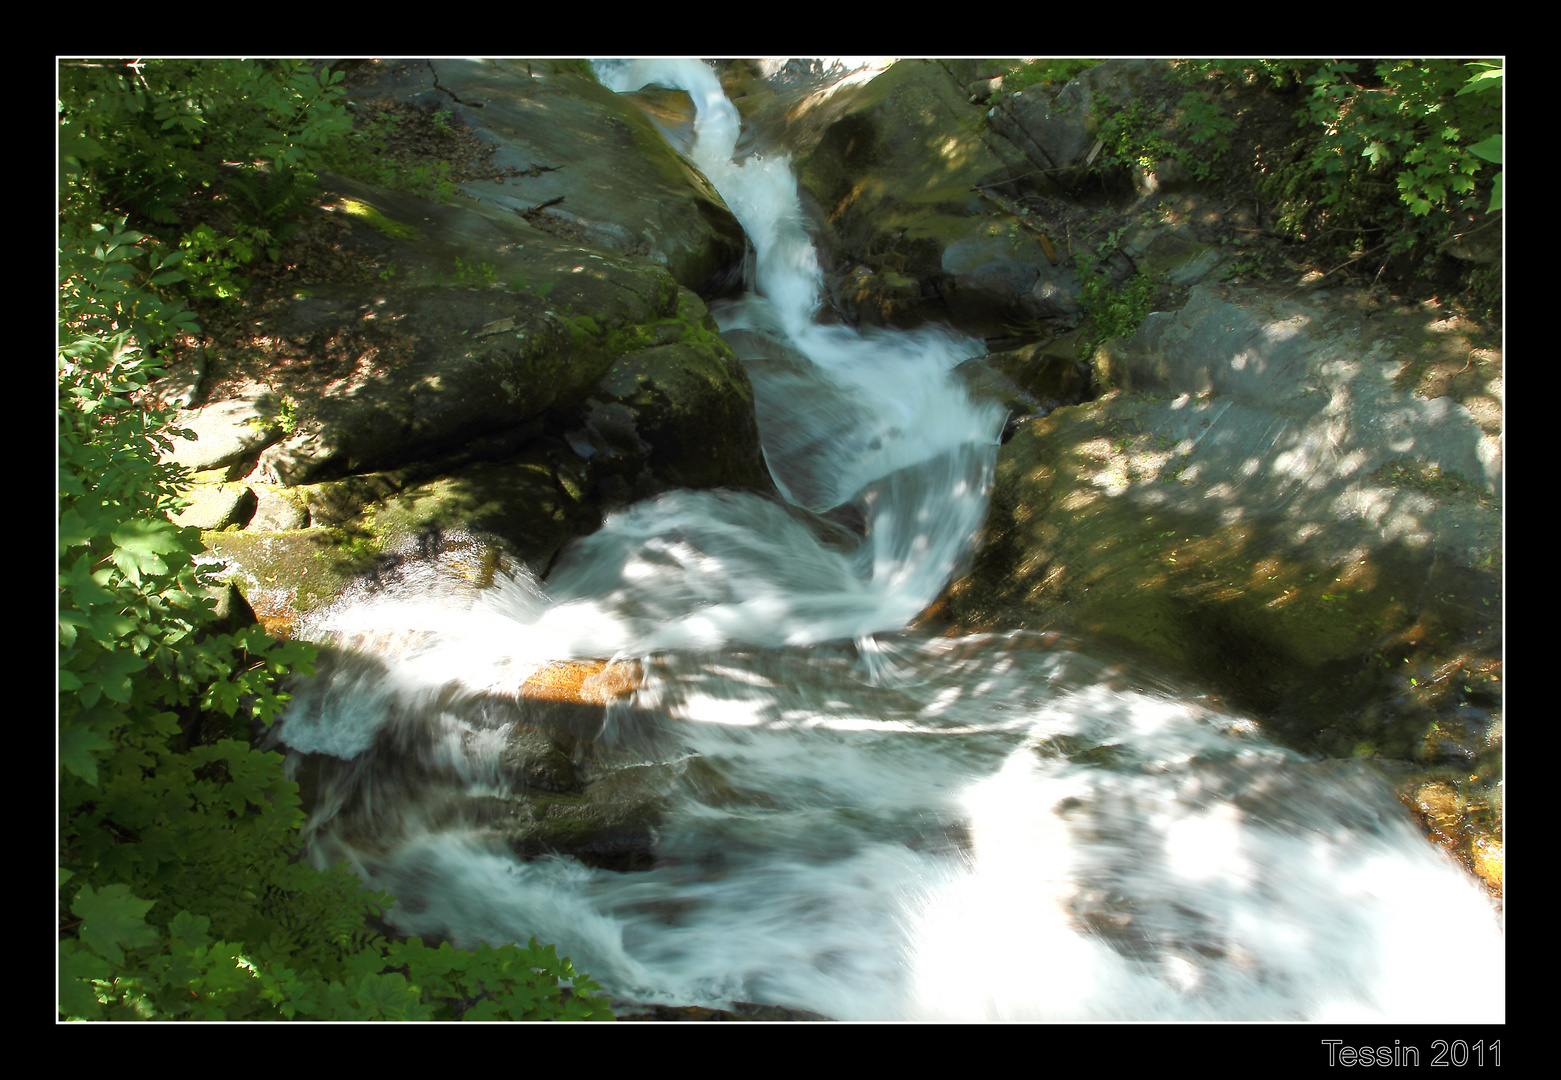 Tessin 2011 Valle Onsernone gurgelndes Wasser